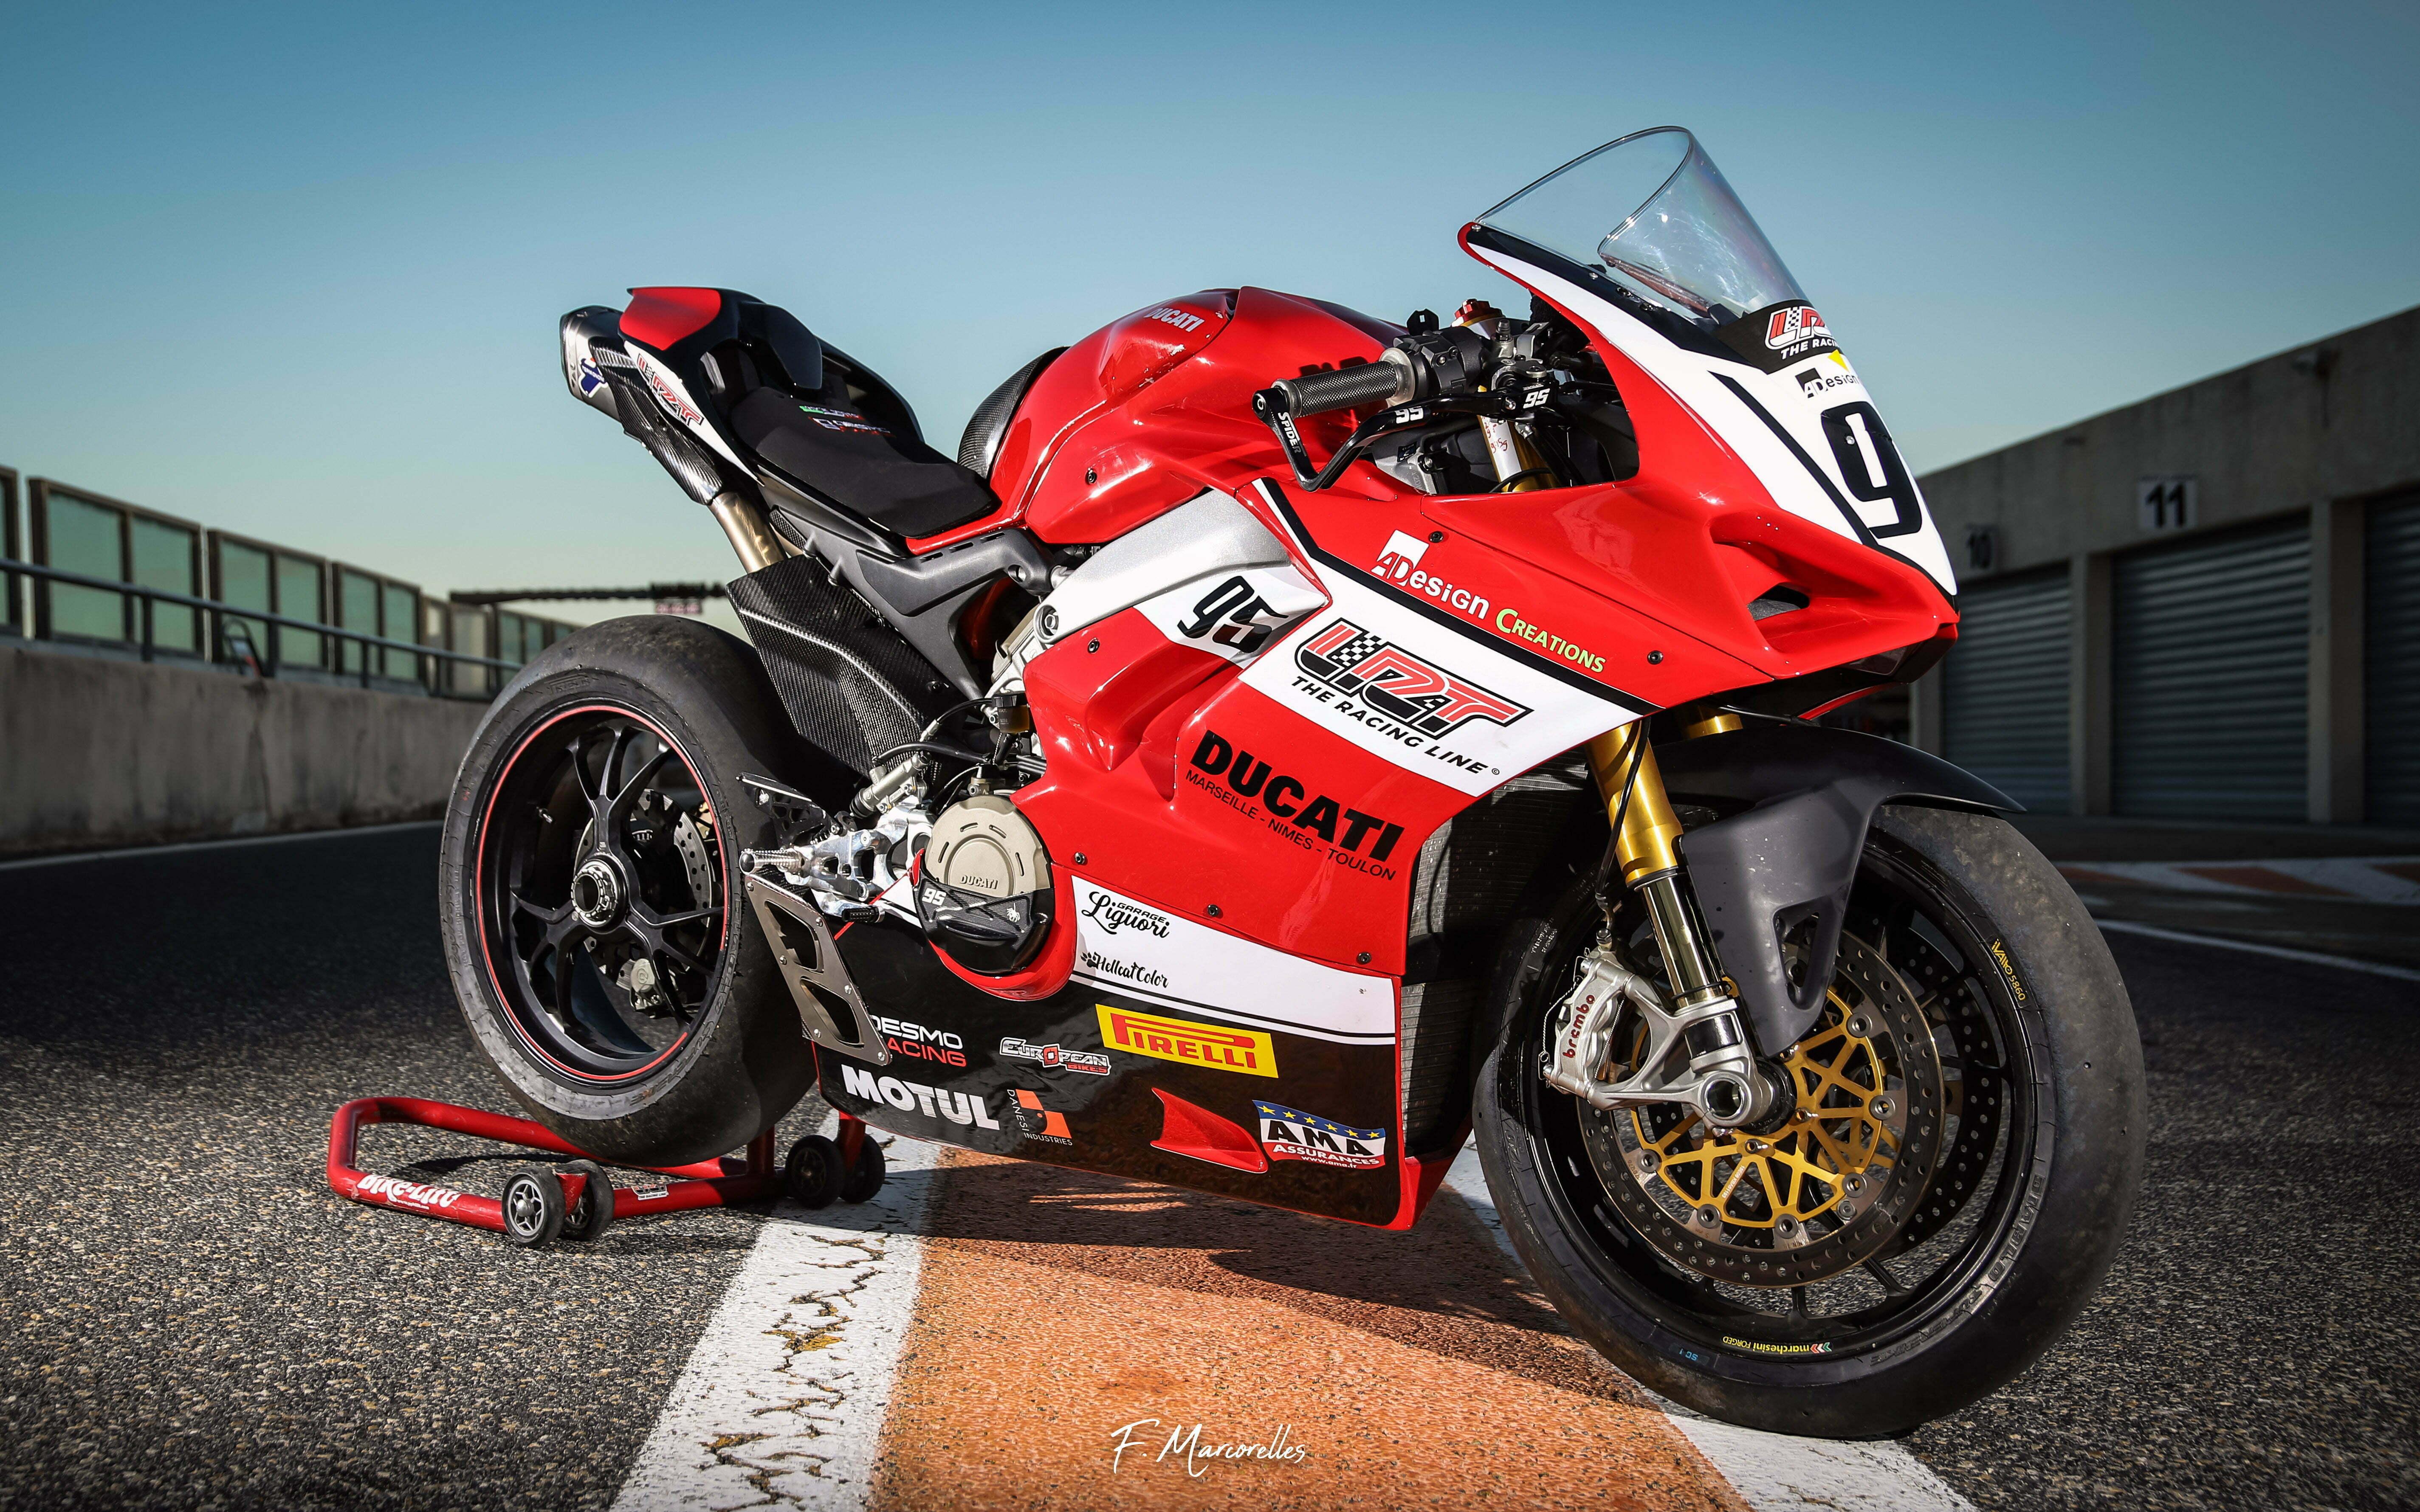 Ducati-v4-photo